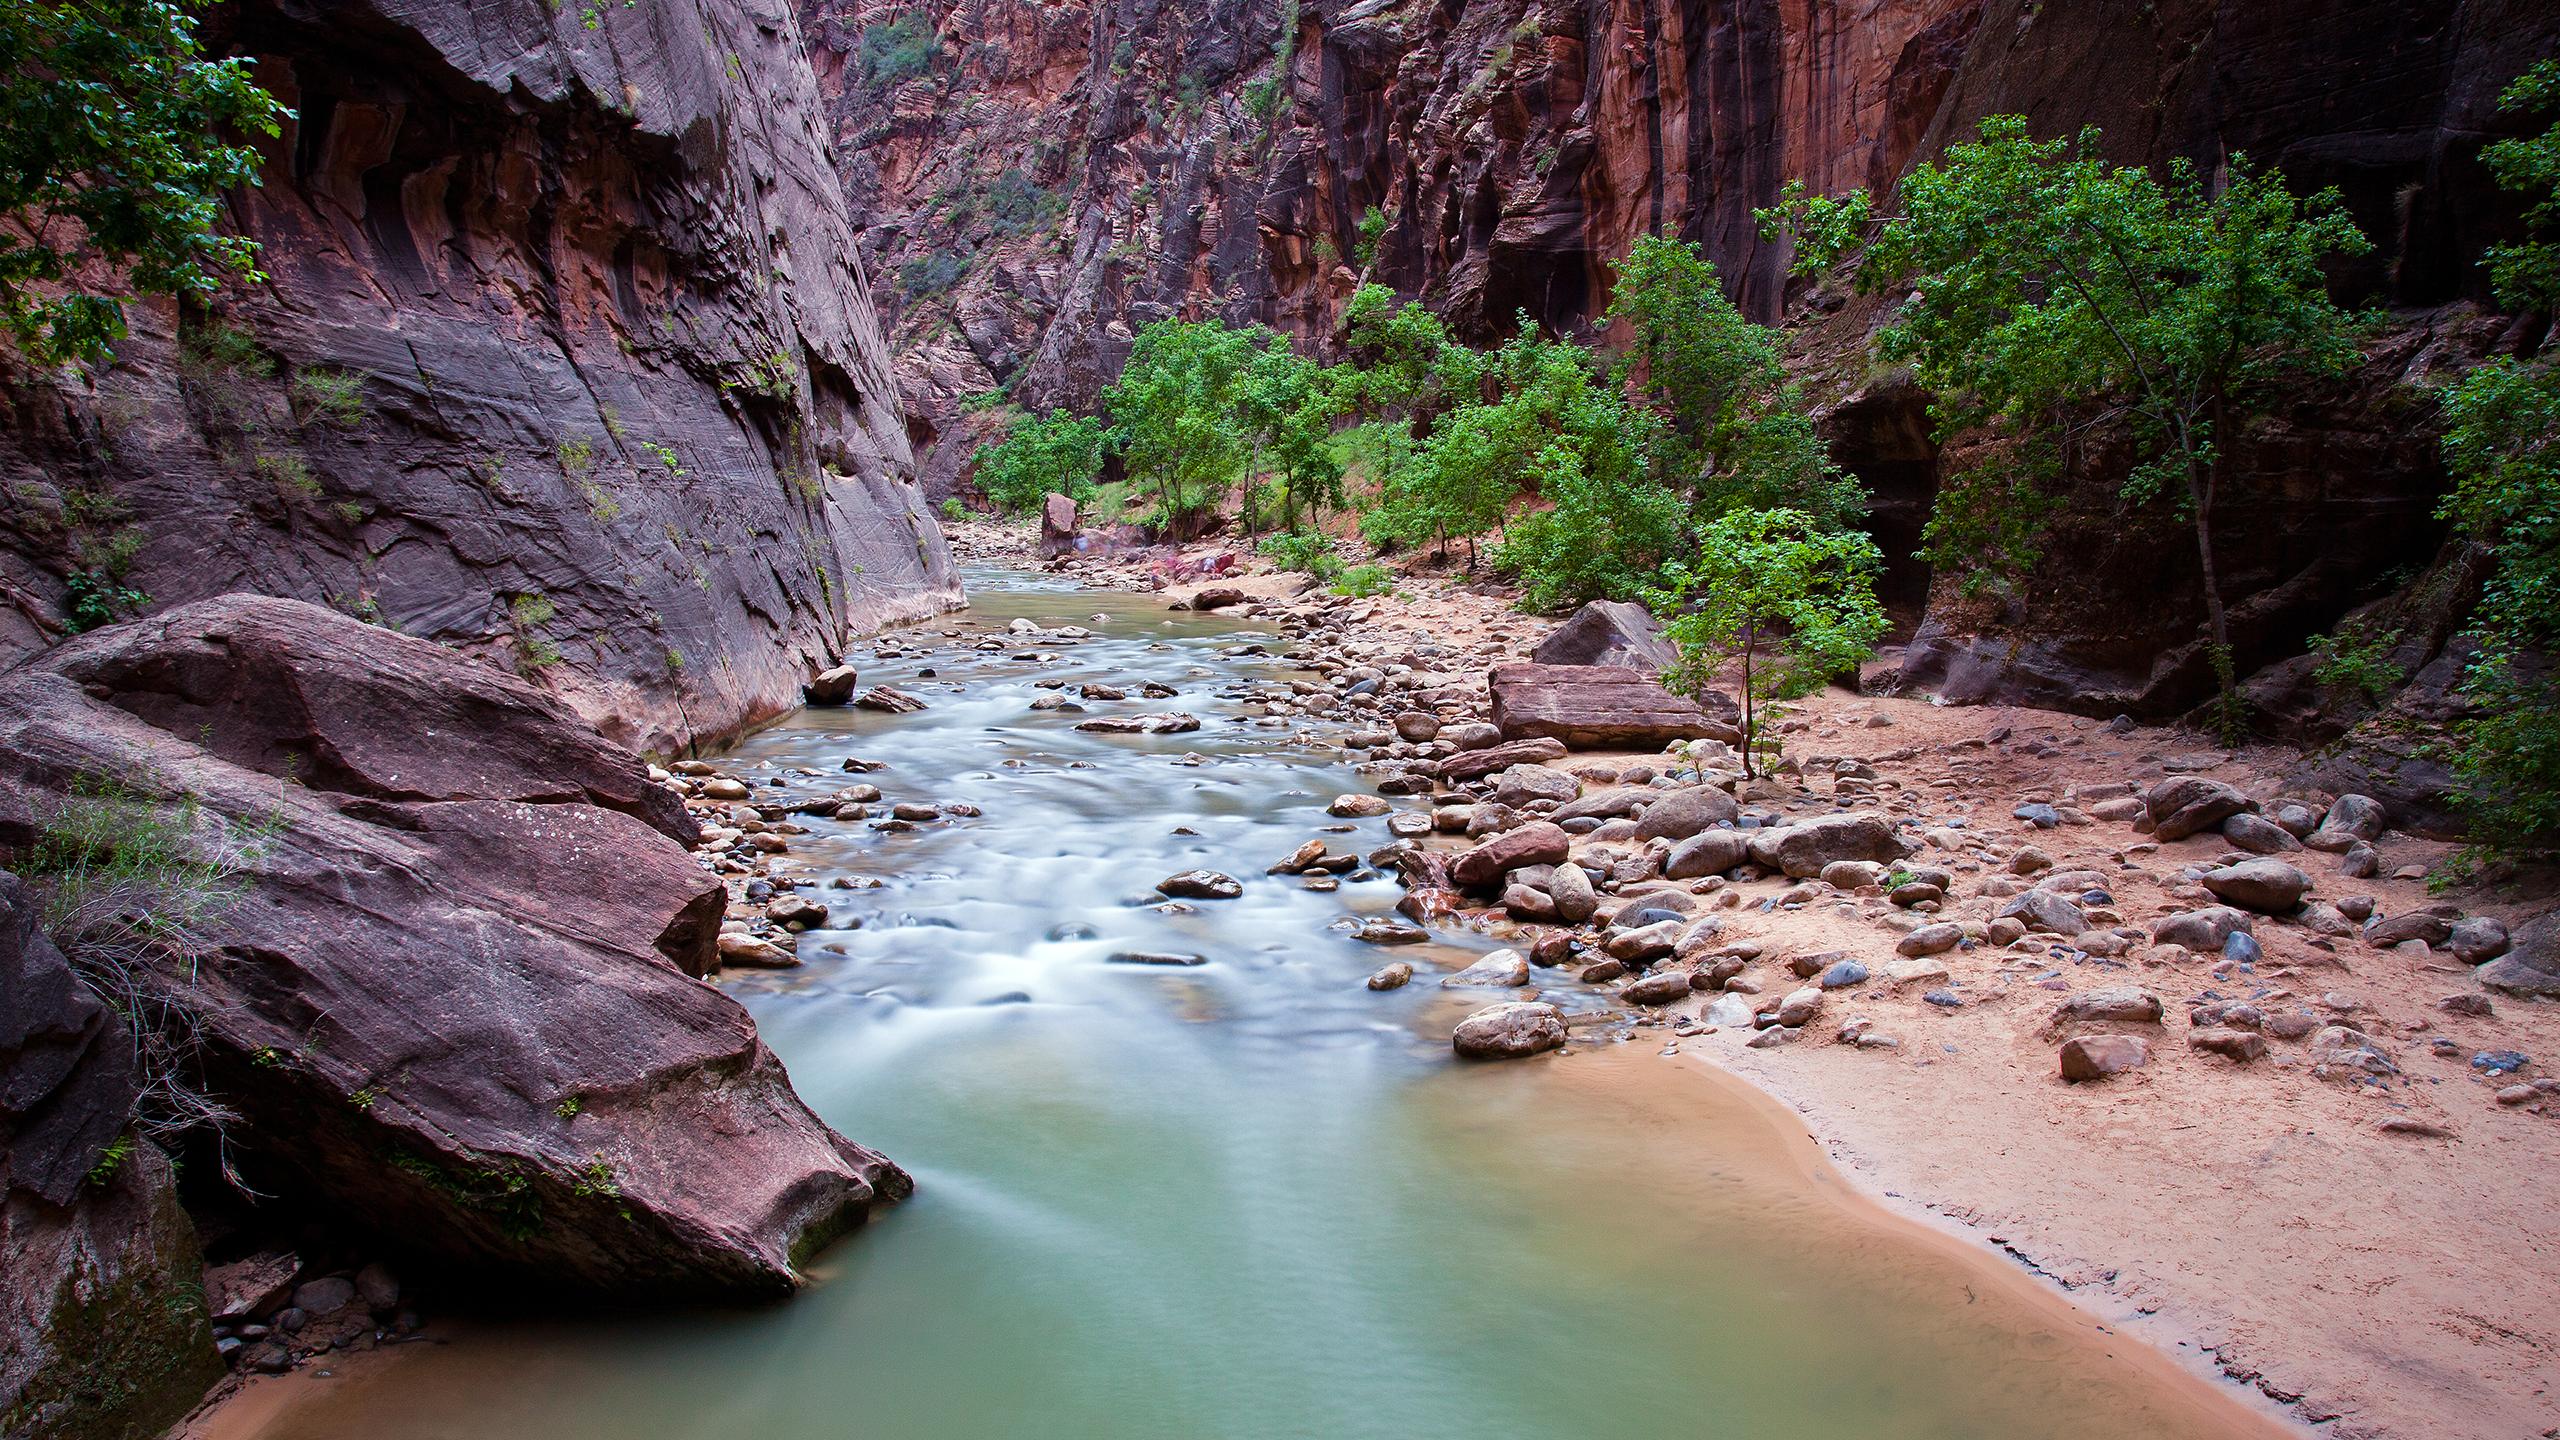 beautiful_creek_utah_wallpaper_2560x1440